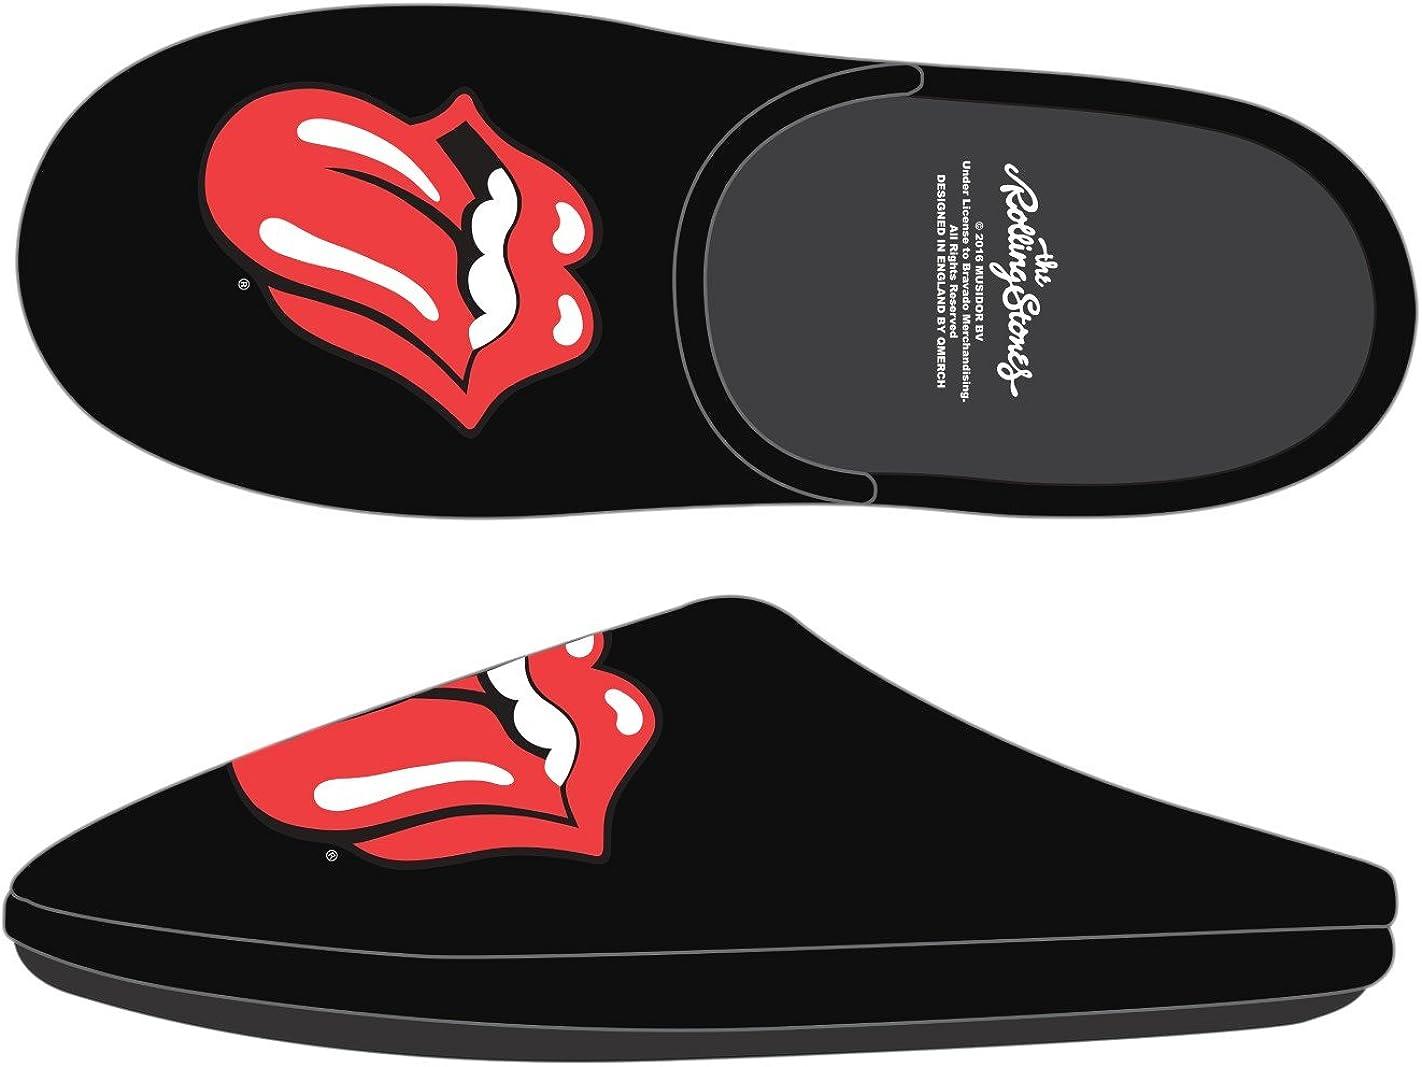 Creative Quirk - Pantuflas Hombre, Color Negro, Talla 45 EU: Amazon.es: Zapatos y complementos